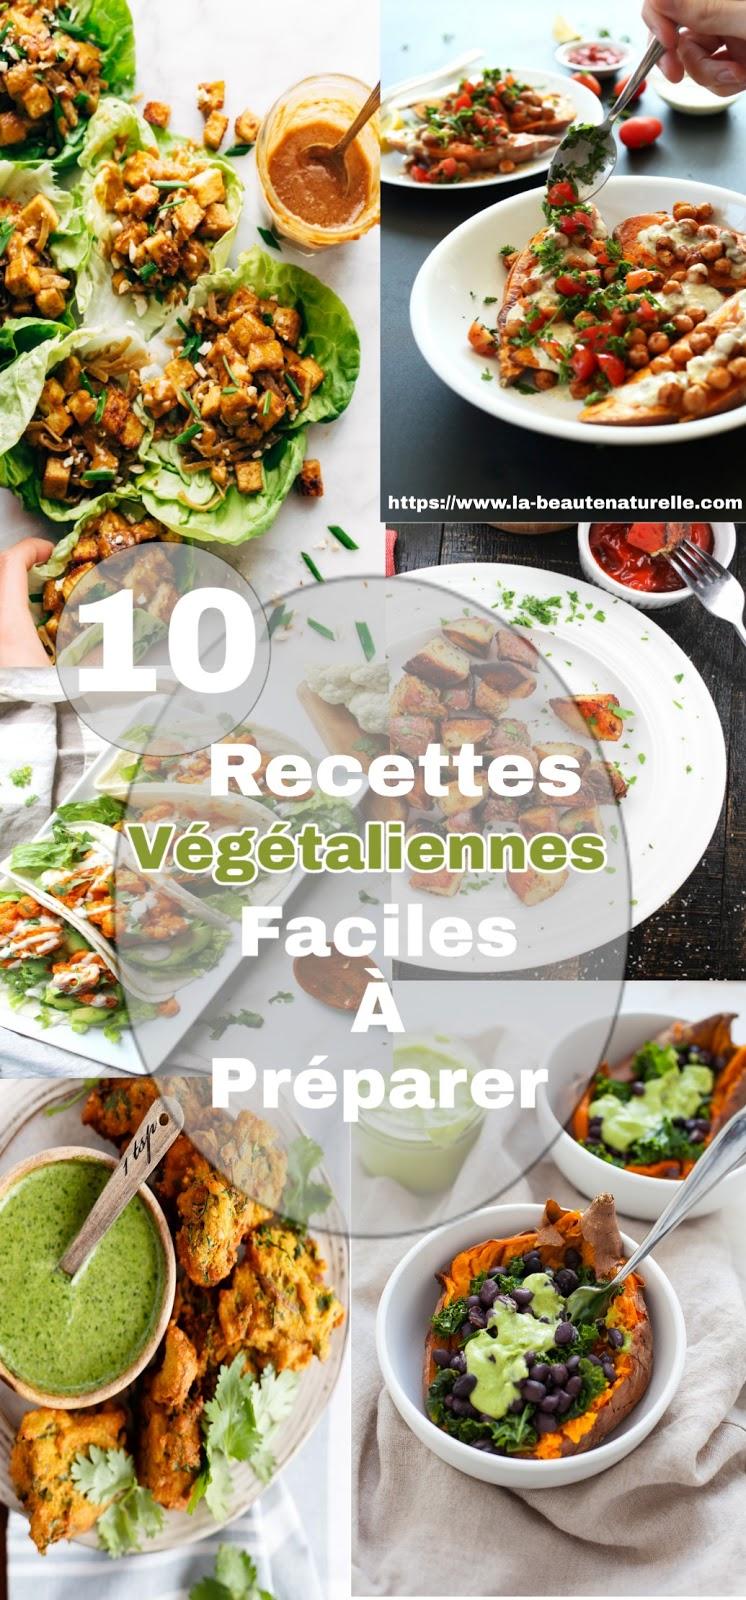 10 Recettes Végétaliennes Faciles À Préparer